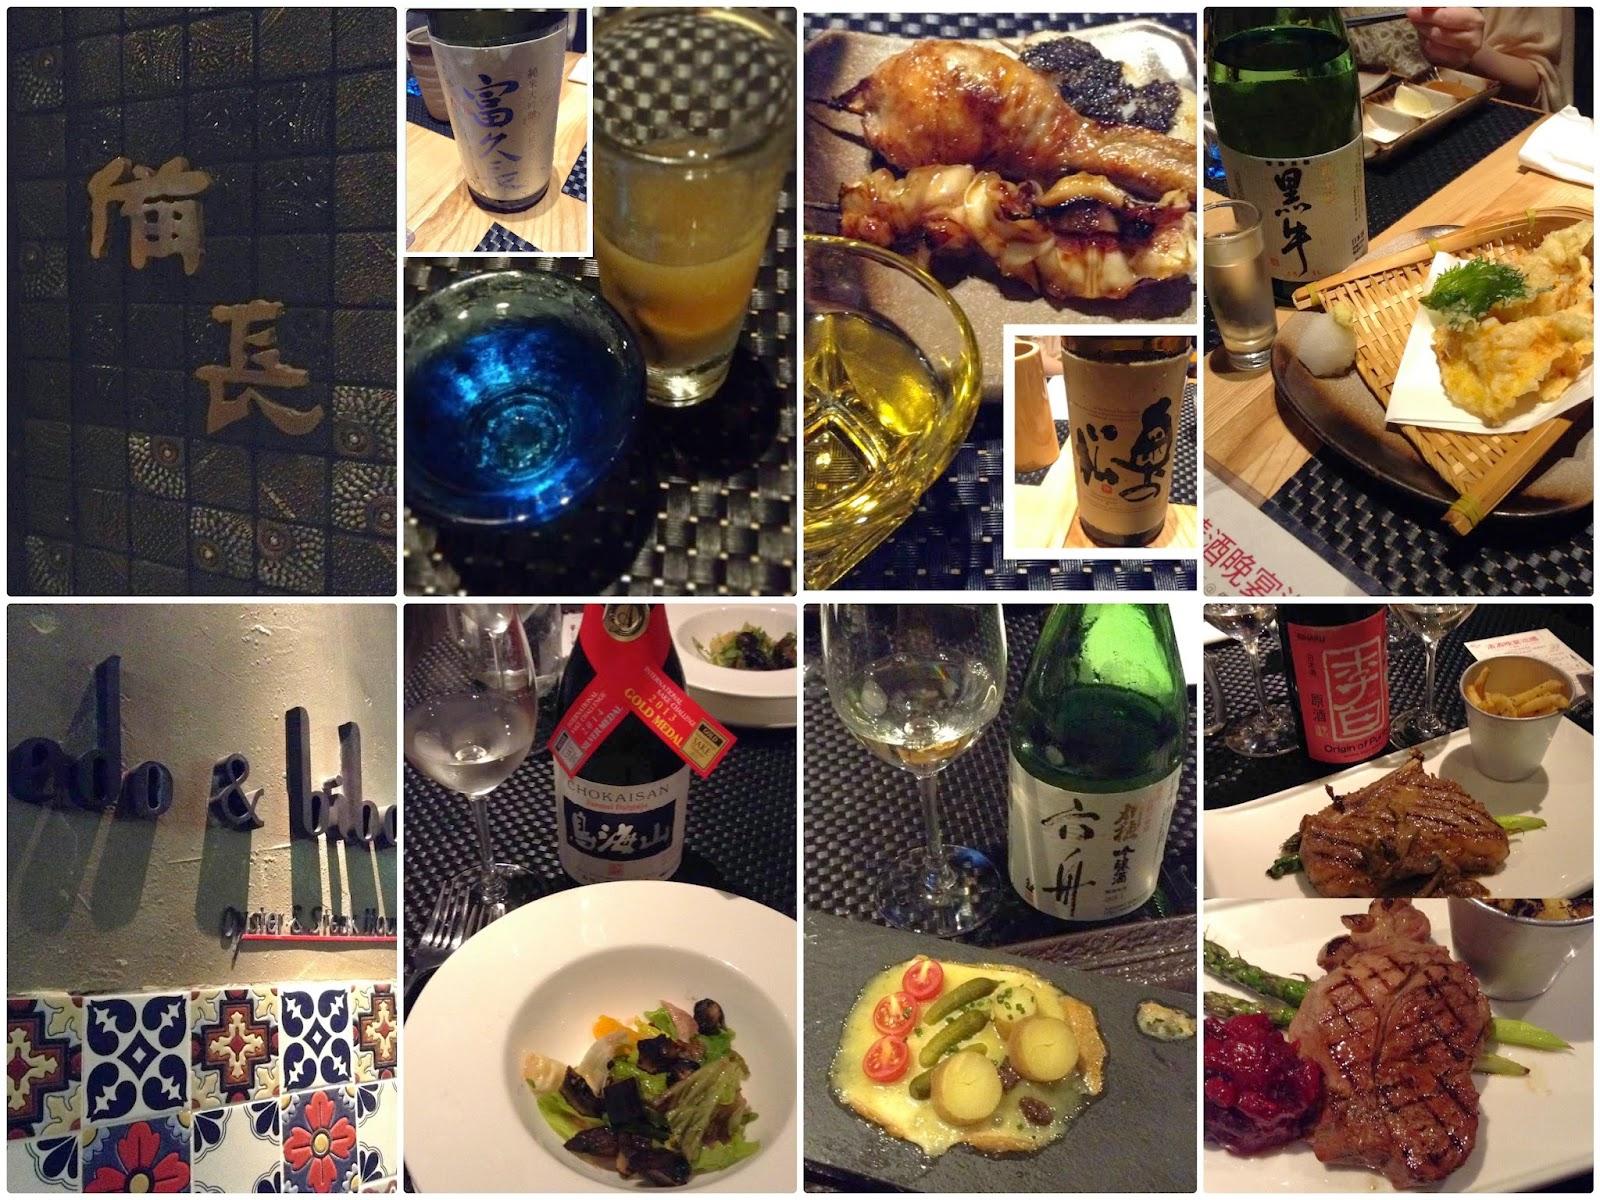 >> 西日清酒晚宴巡禮 @ Bicho 備長+Edo & Bibo Oyster & Steak House